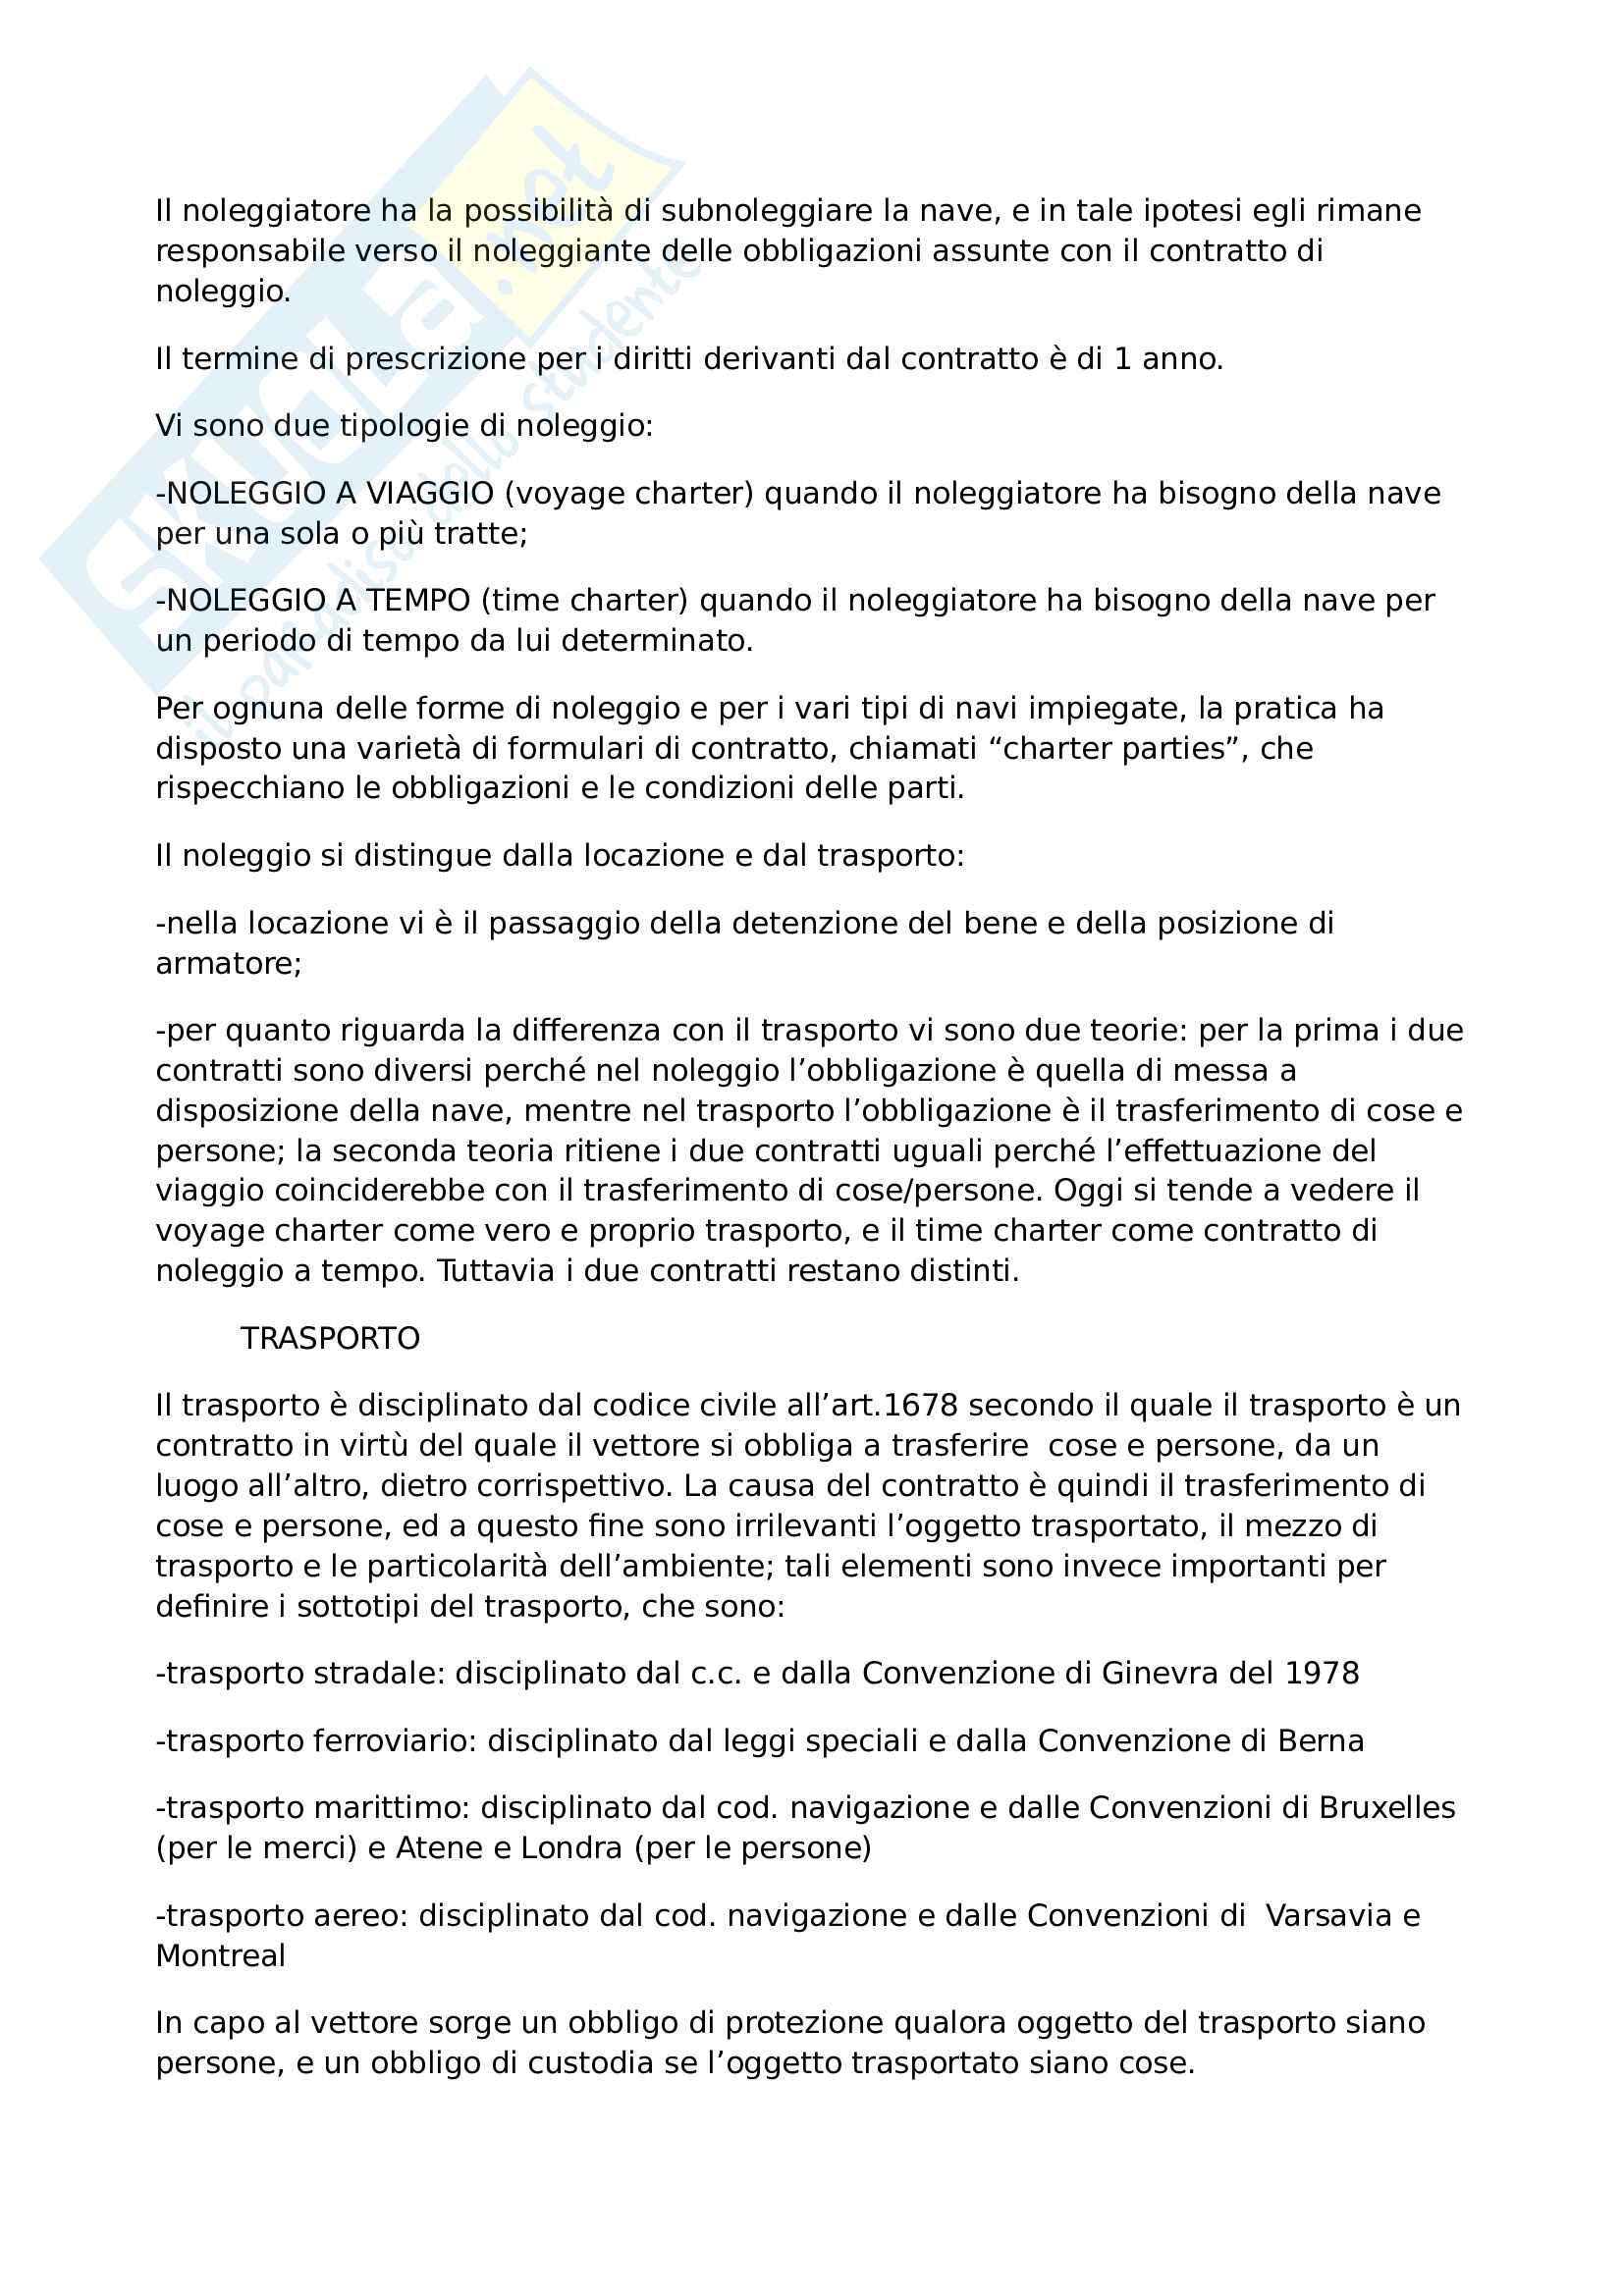 Esame diritto dei trasporti, riassunto completo Pag. 6